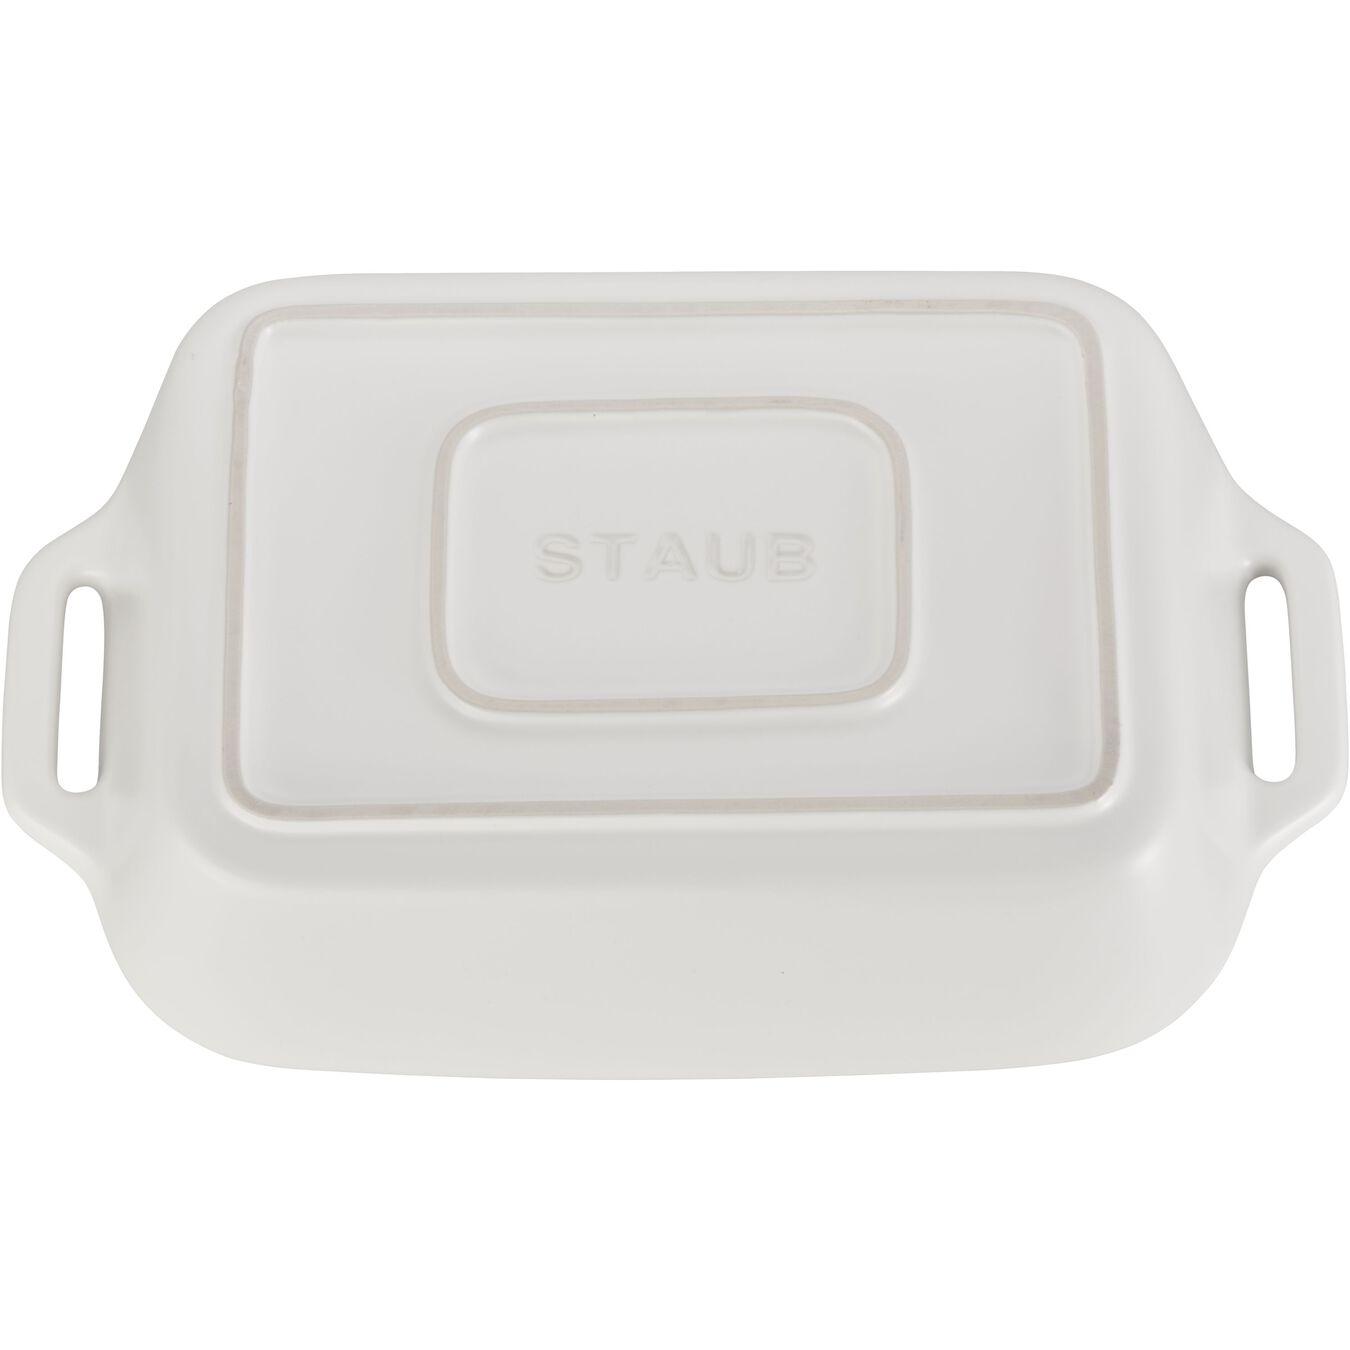 2-pc Rectangular Baking Dish Set - Matte White,,large 2